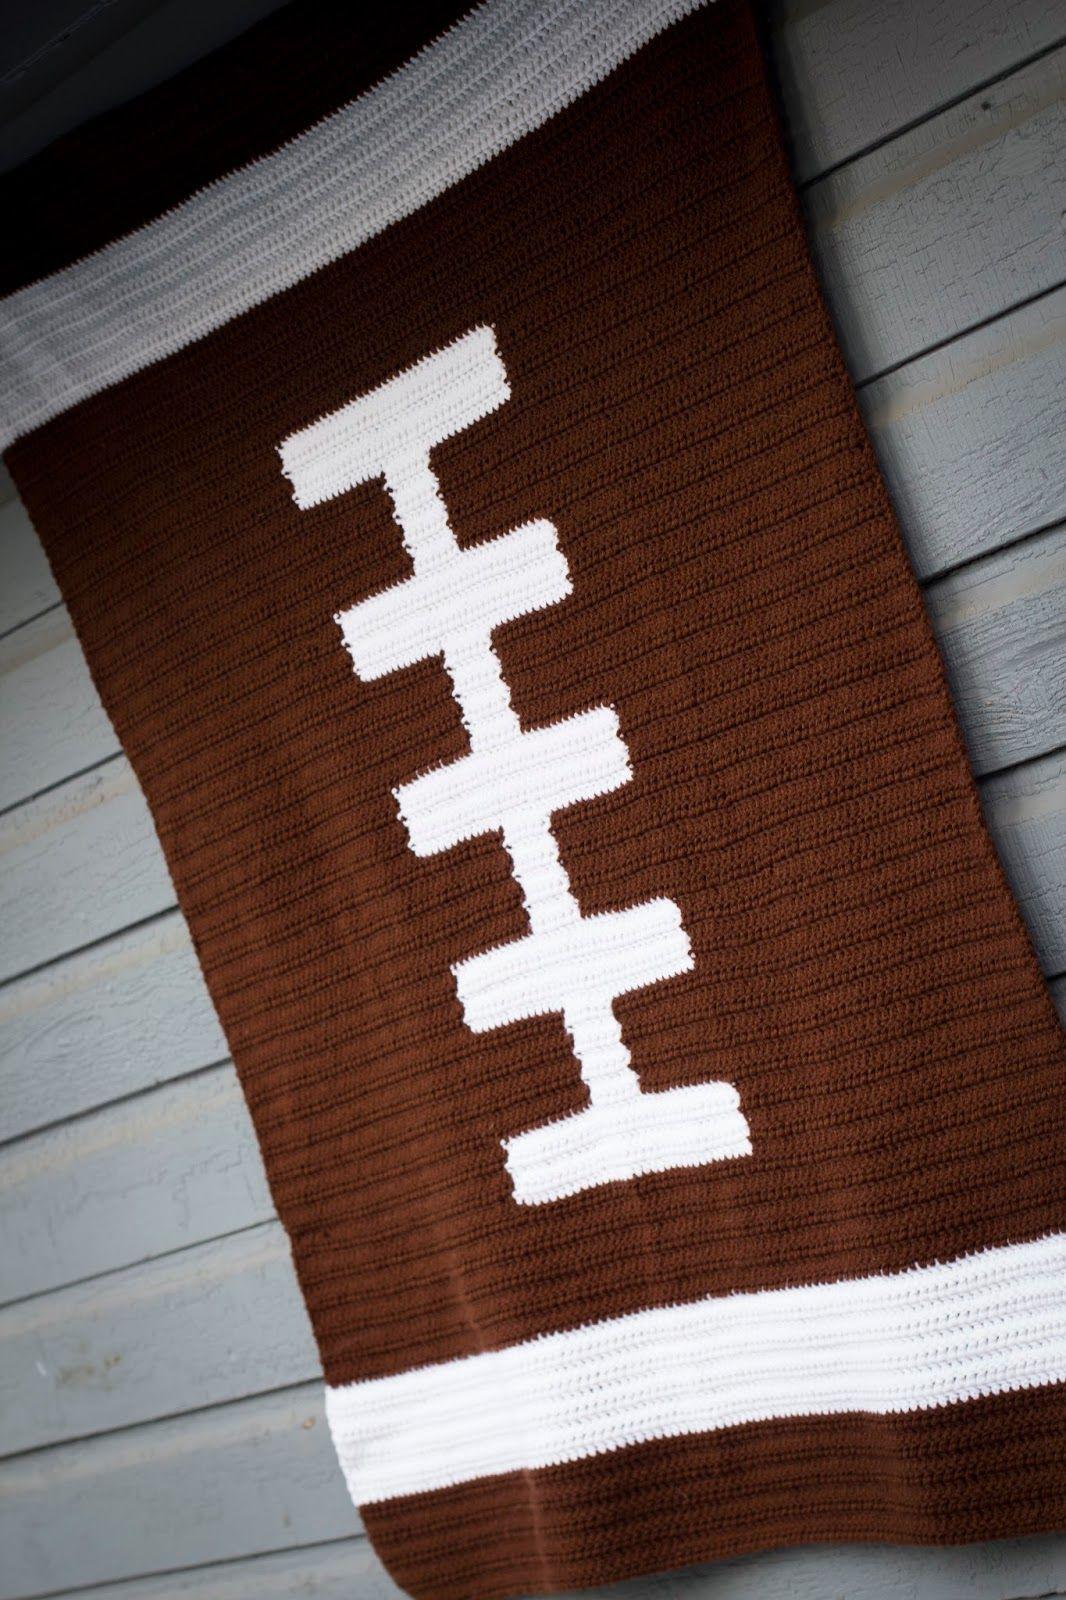 Pin von Sweetheart Tofive auf Crochet Patterns | Pinterest ...